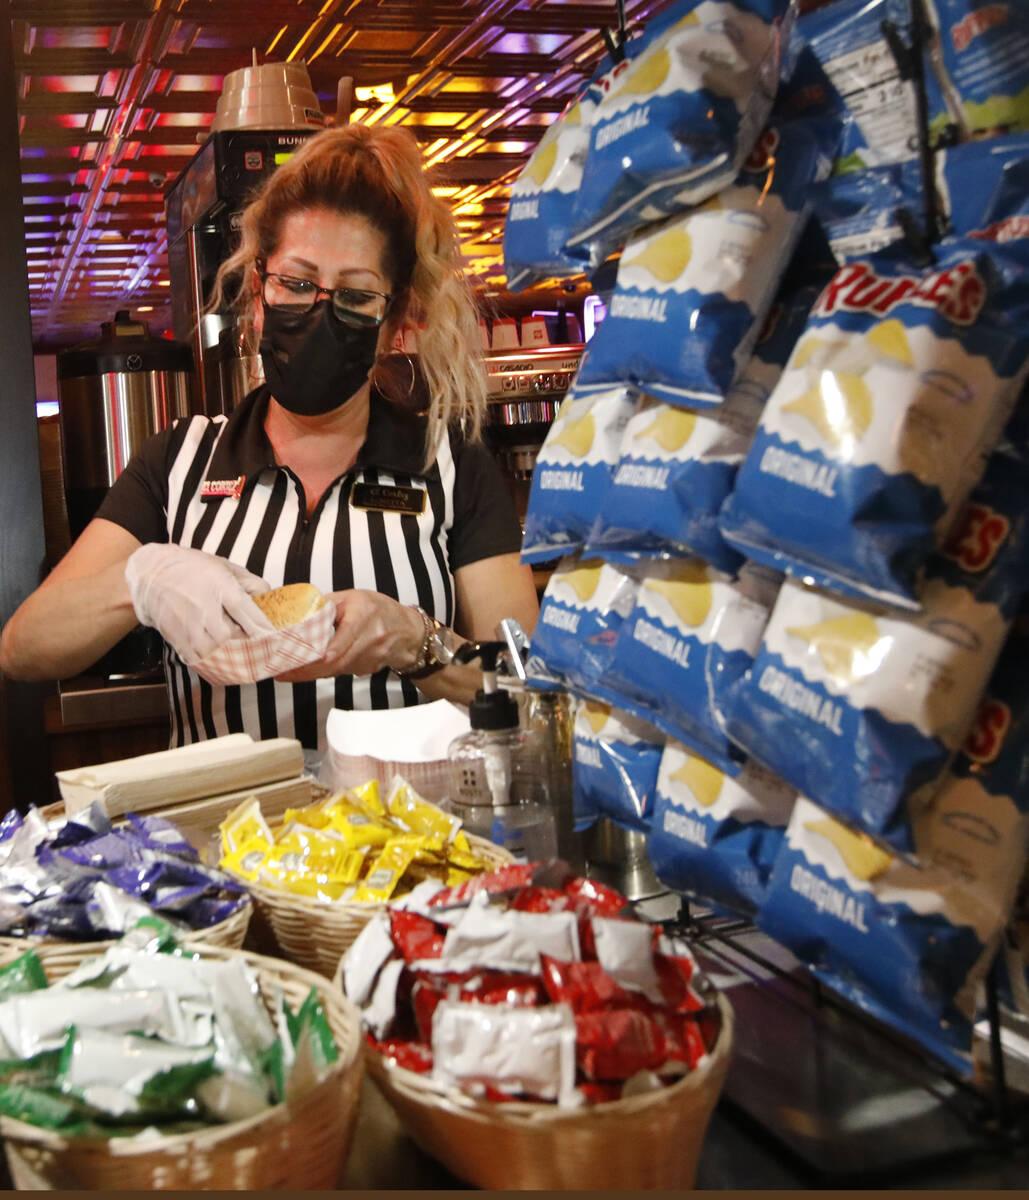 Snack Bar Attendant Loretta Maletto makes a hotdog for a customer at El Cortez in Las Vegas, Sa ...